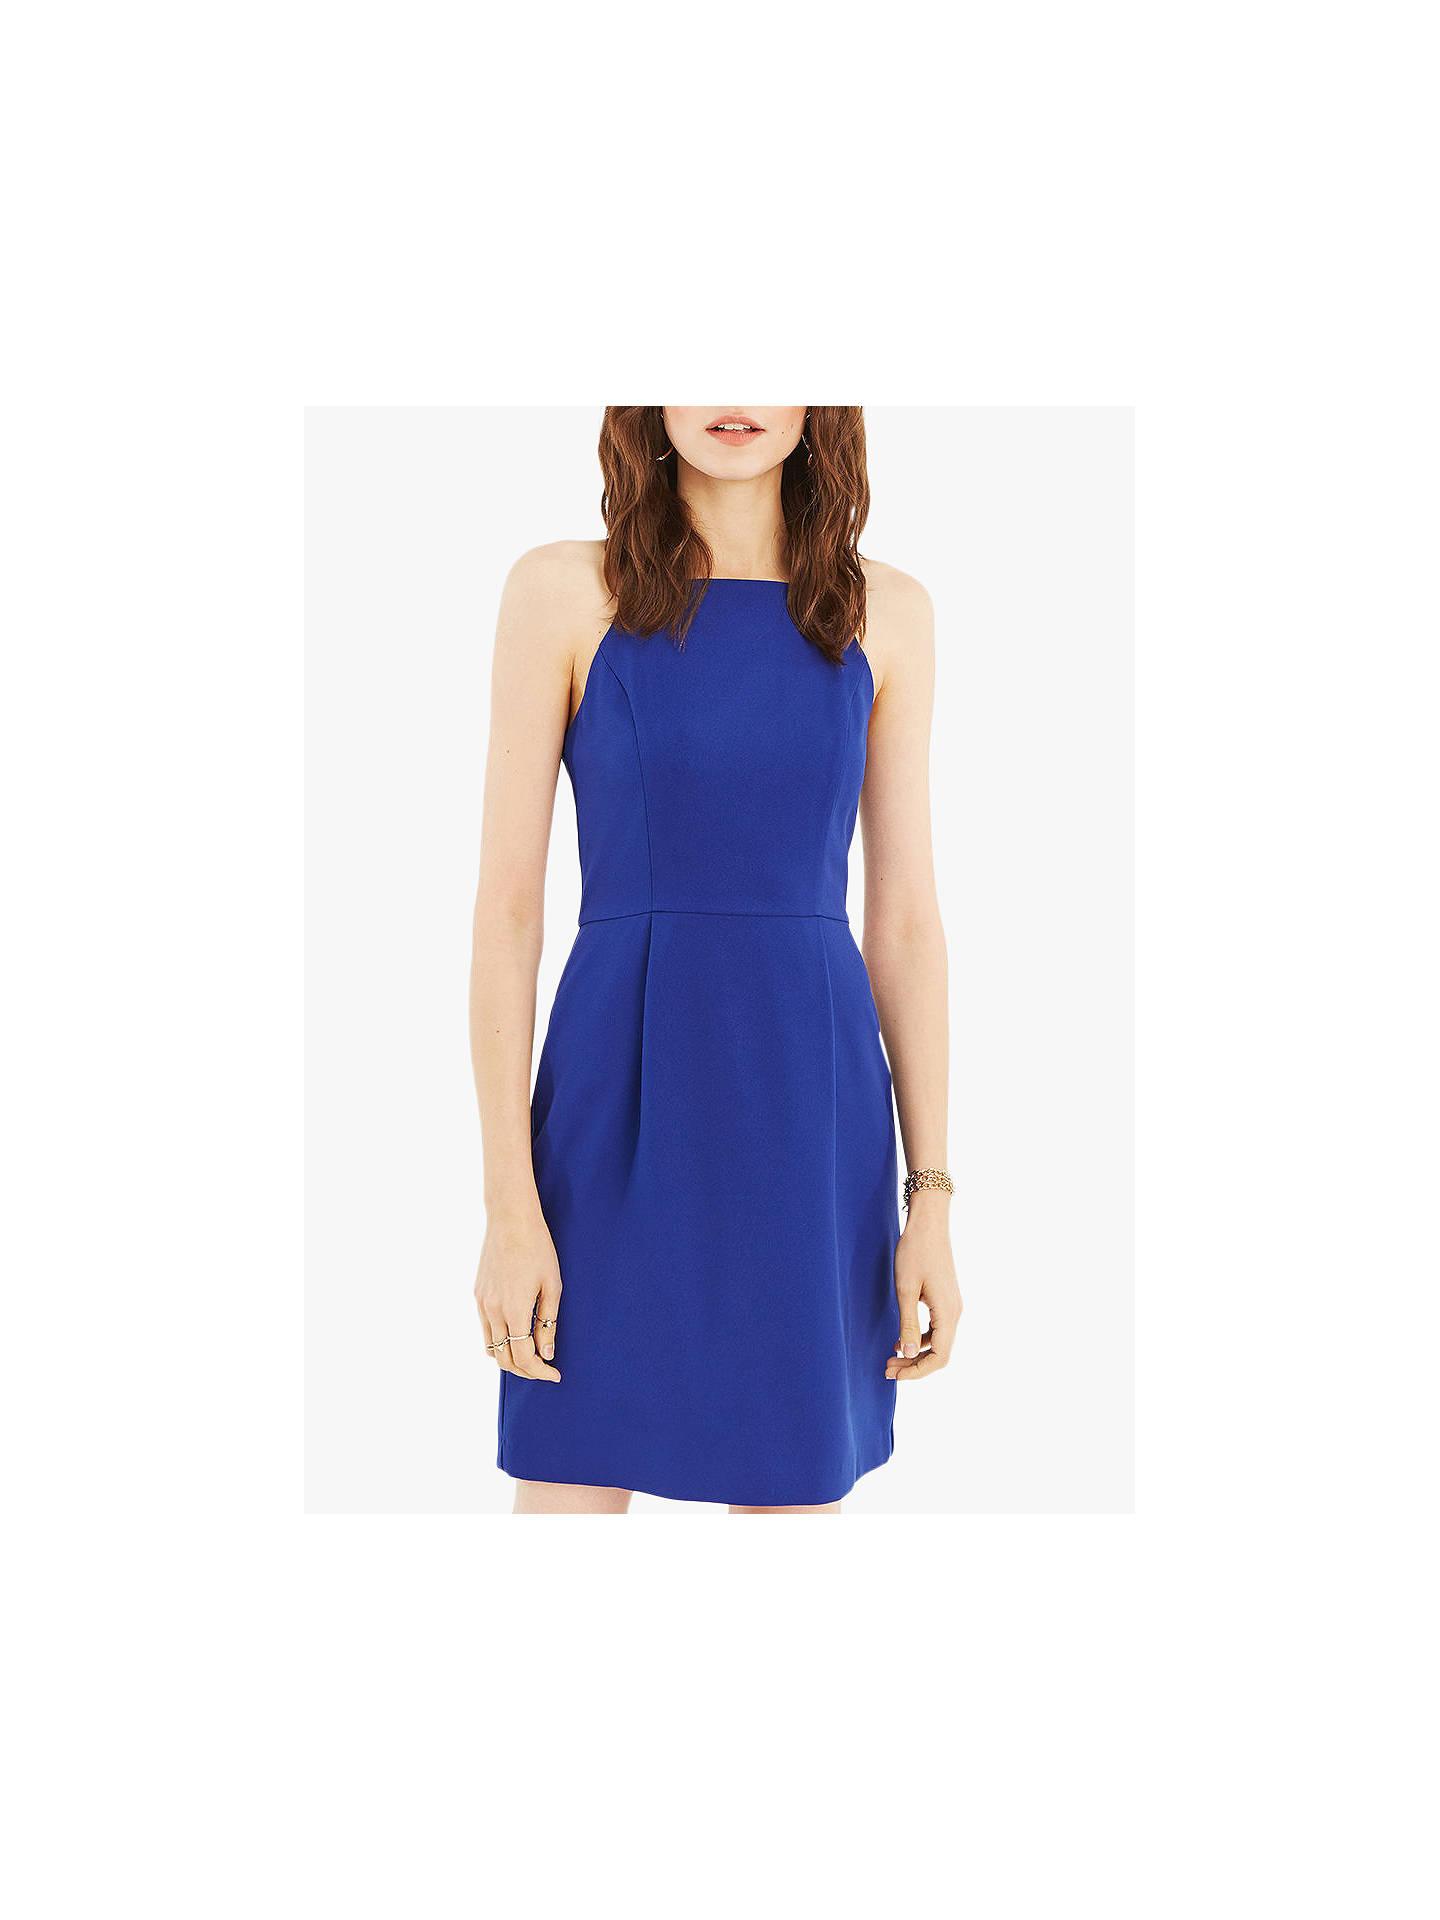 b6ca554502 BuyOasis Lace Back Shift Dress